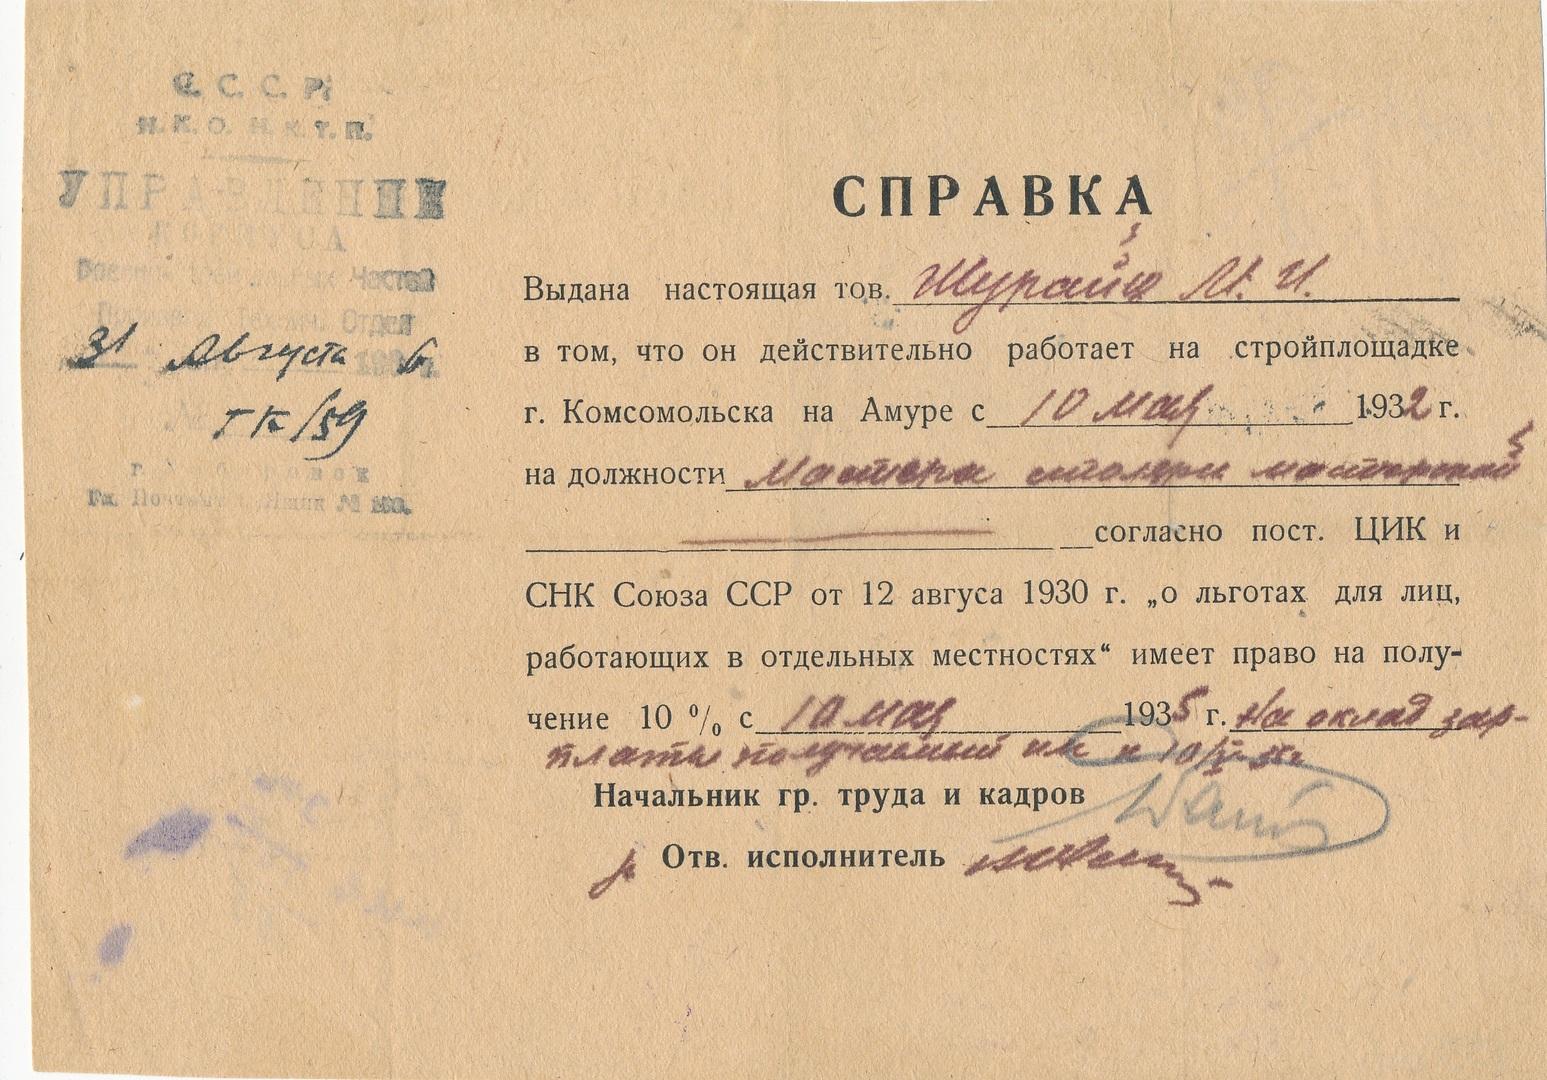 Справка  № тк-59 Управления корпуса военно-строительных частей Шурайцу М.И